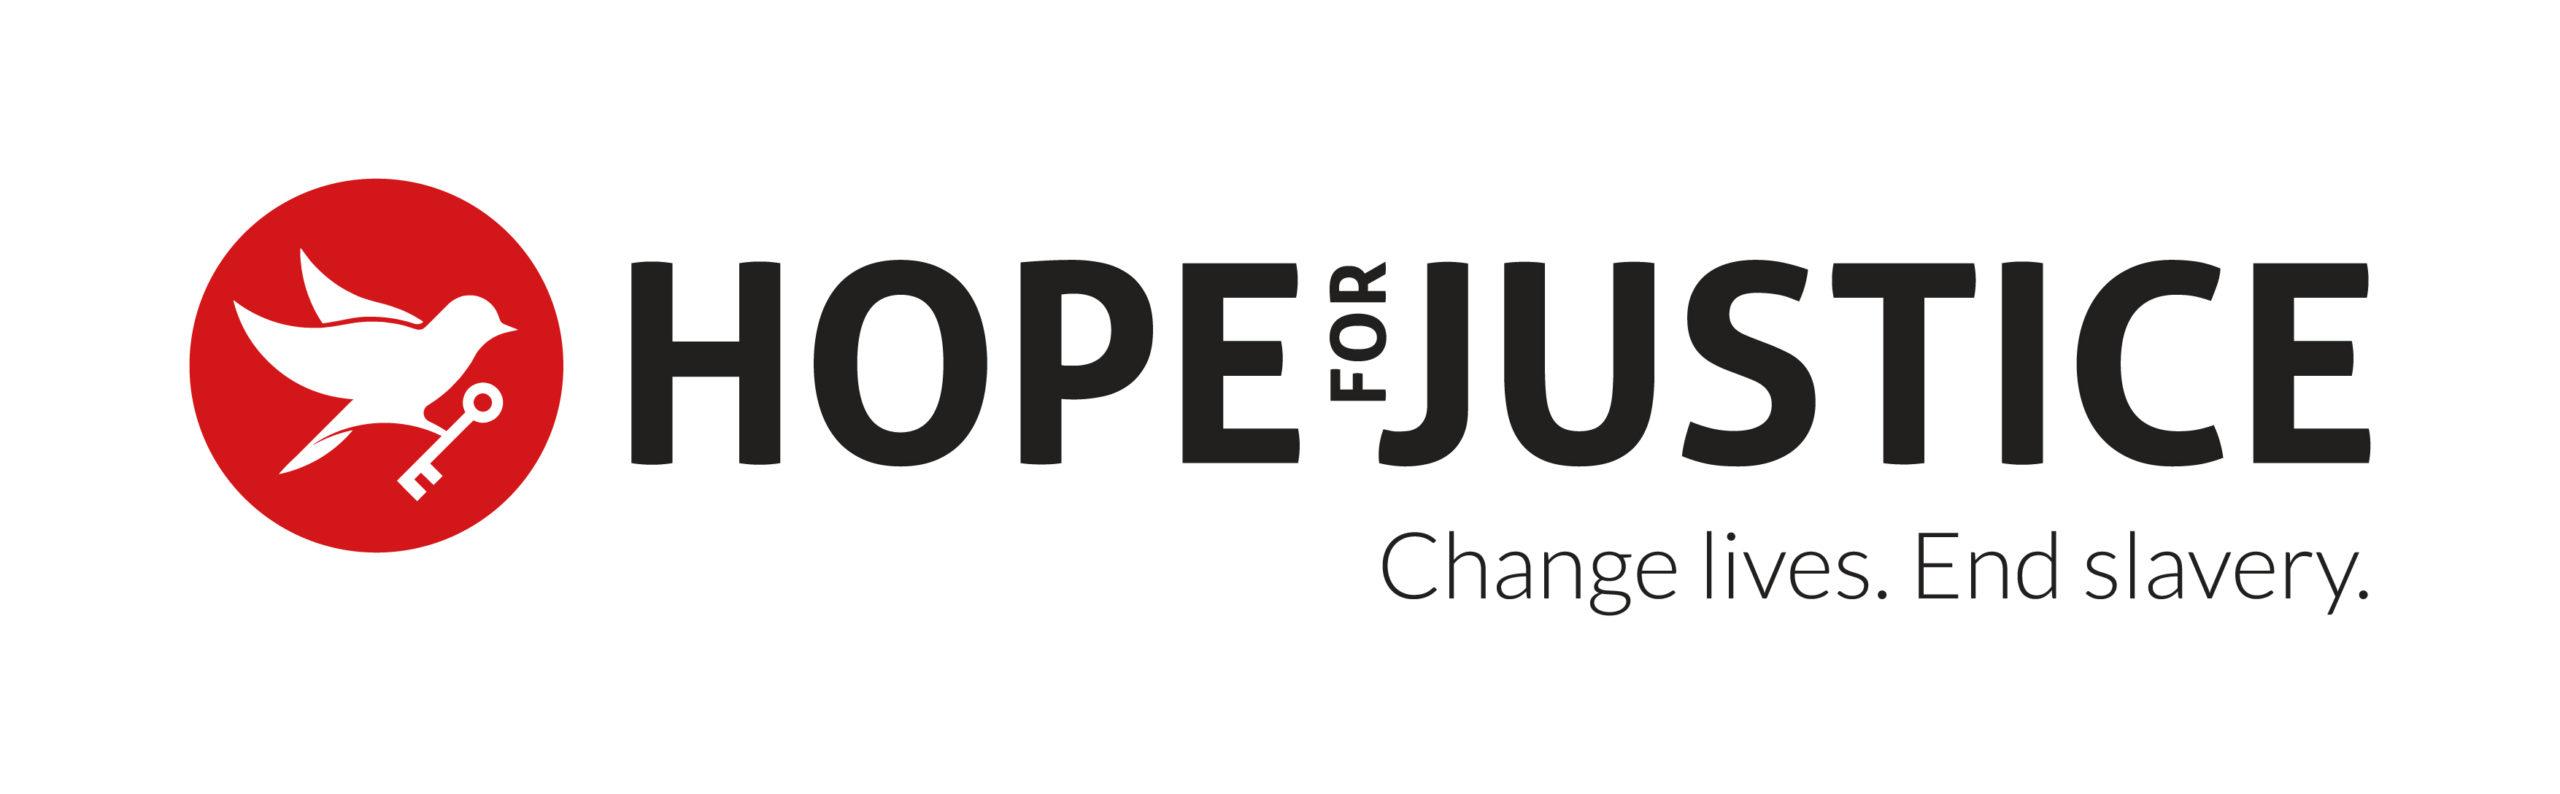 Hope for Justice logo jpg